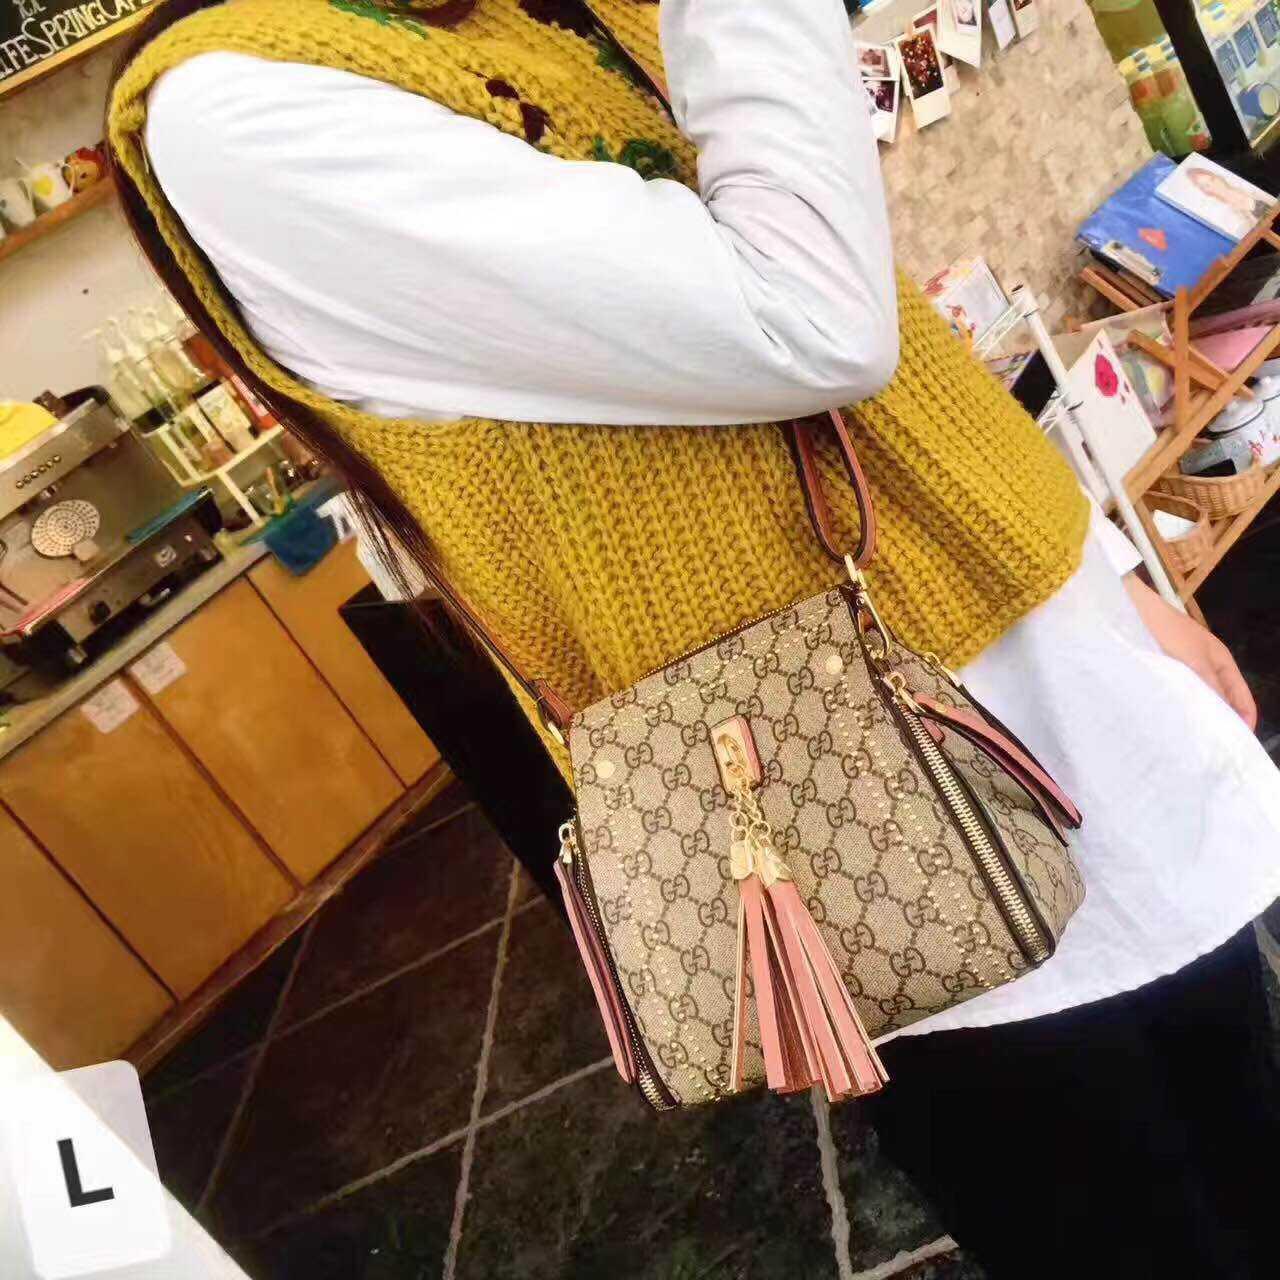 爱马仕包扣子,日本旅游攻略 日本购物2千买LV包2万买